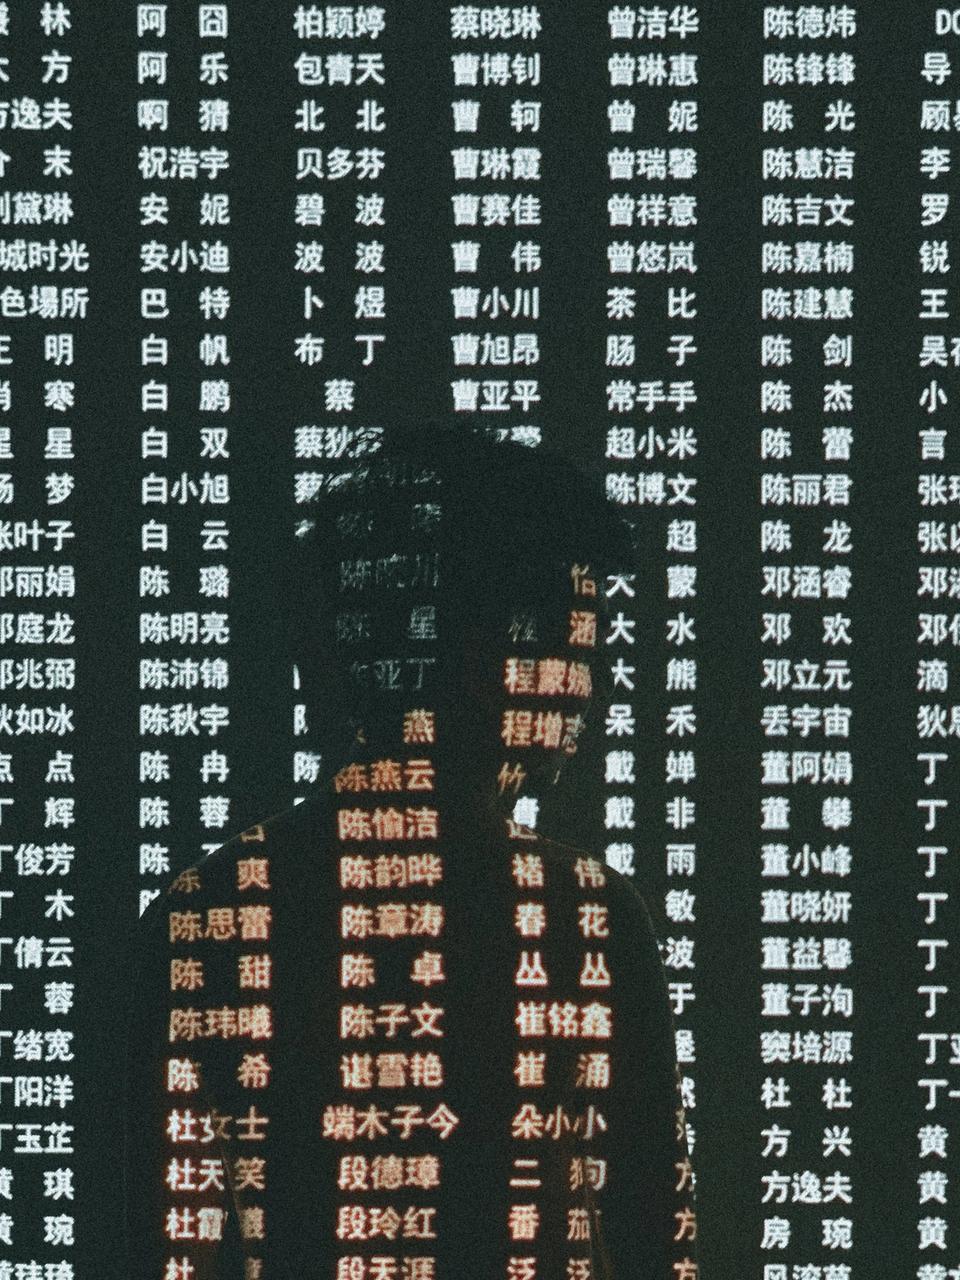 Écrire un portrait chinois avec des questionnaires et des exemples ludiques et créatifs